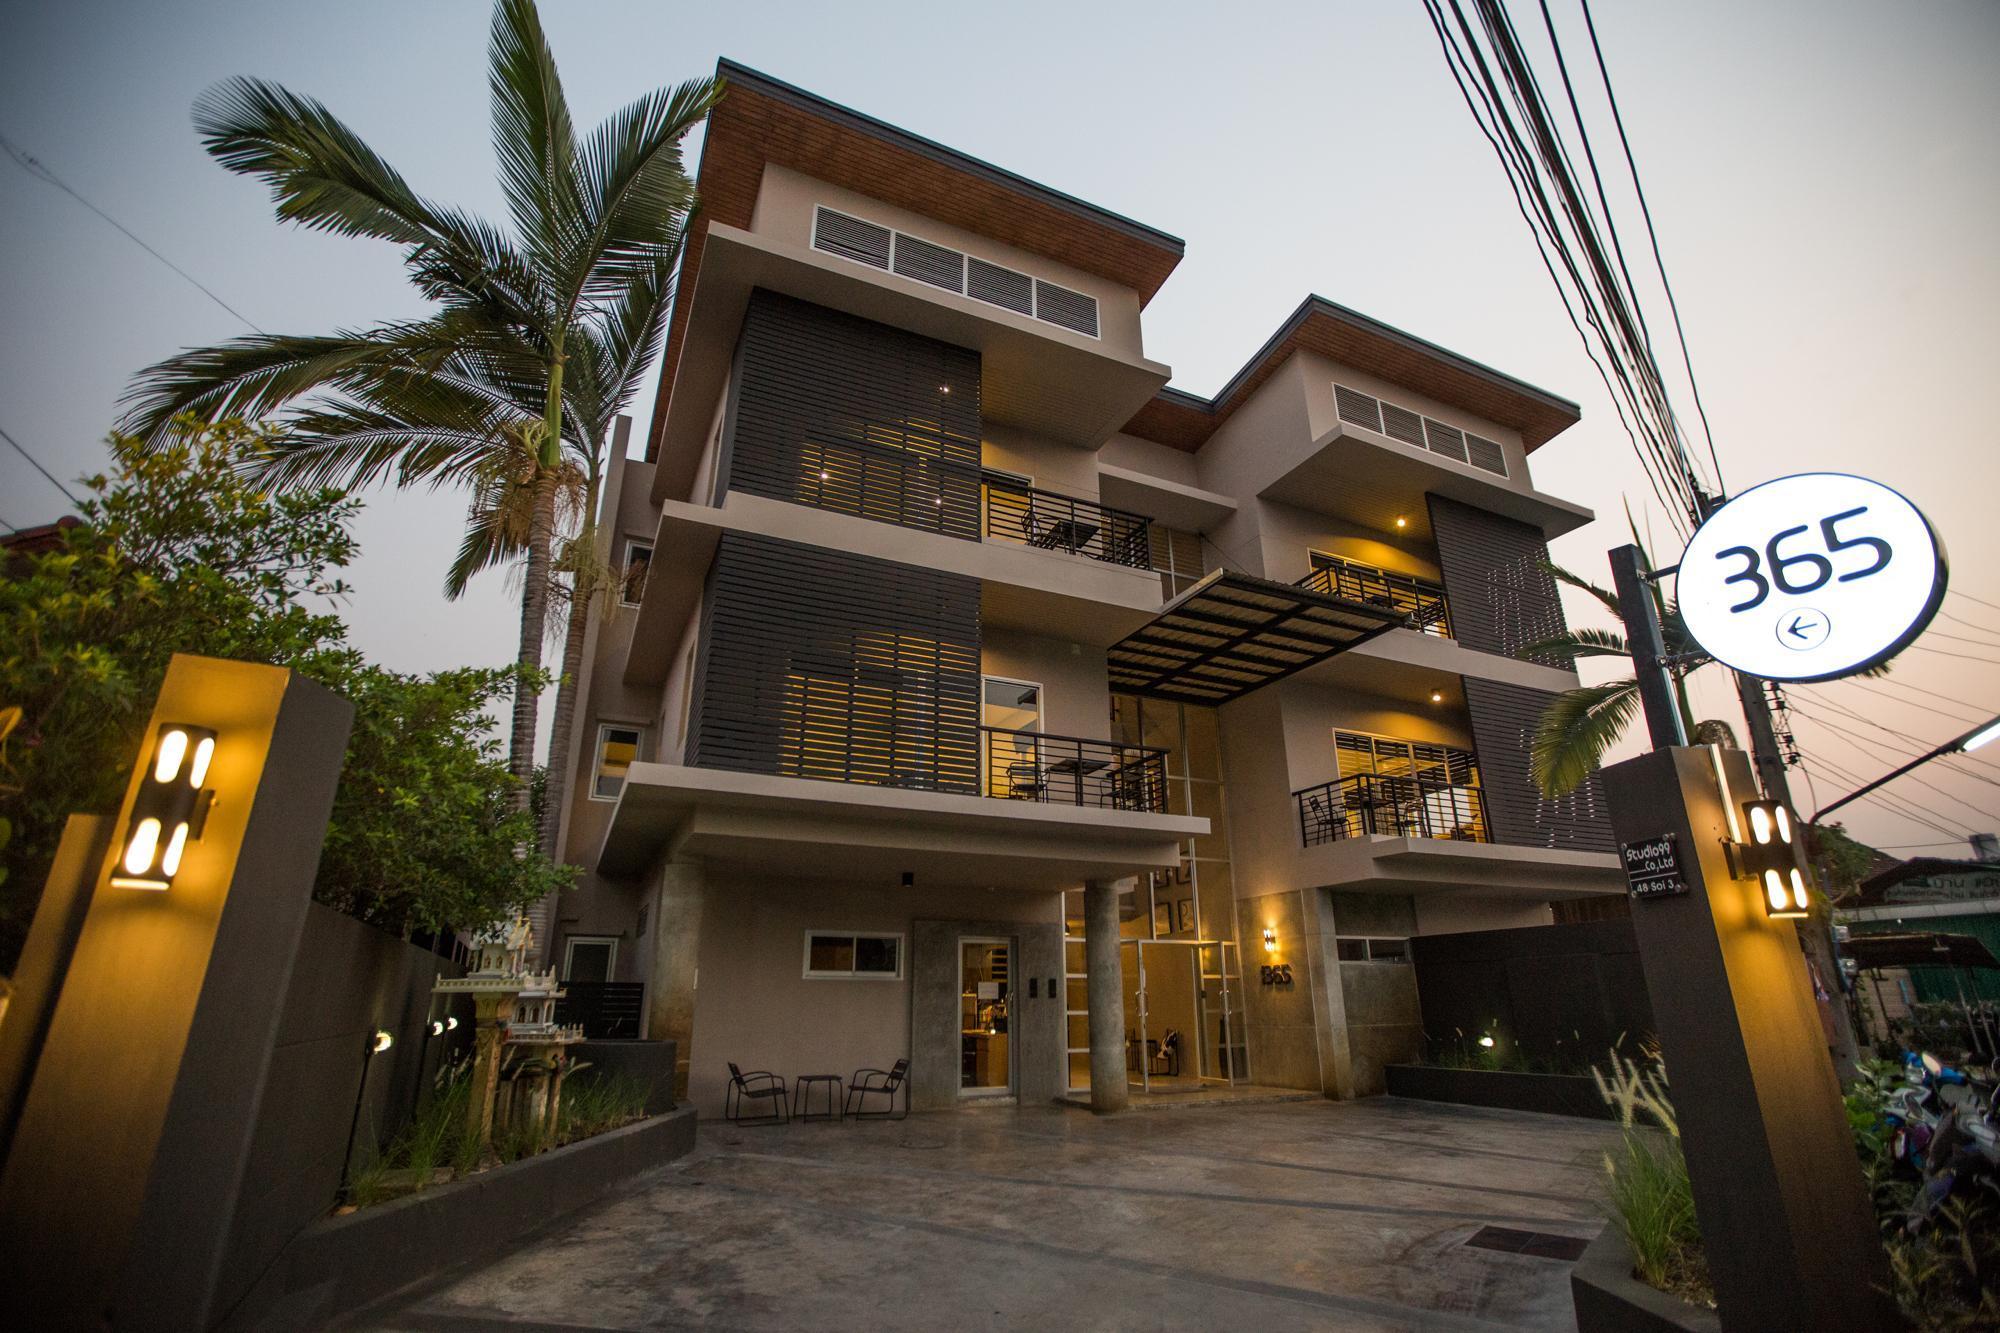 Studio365 Apartment